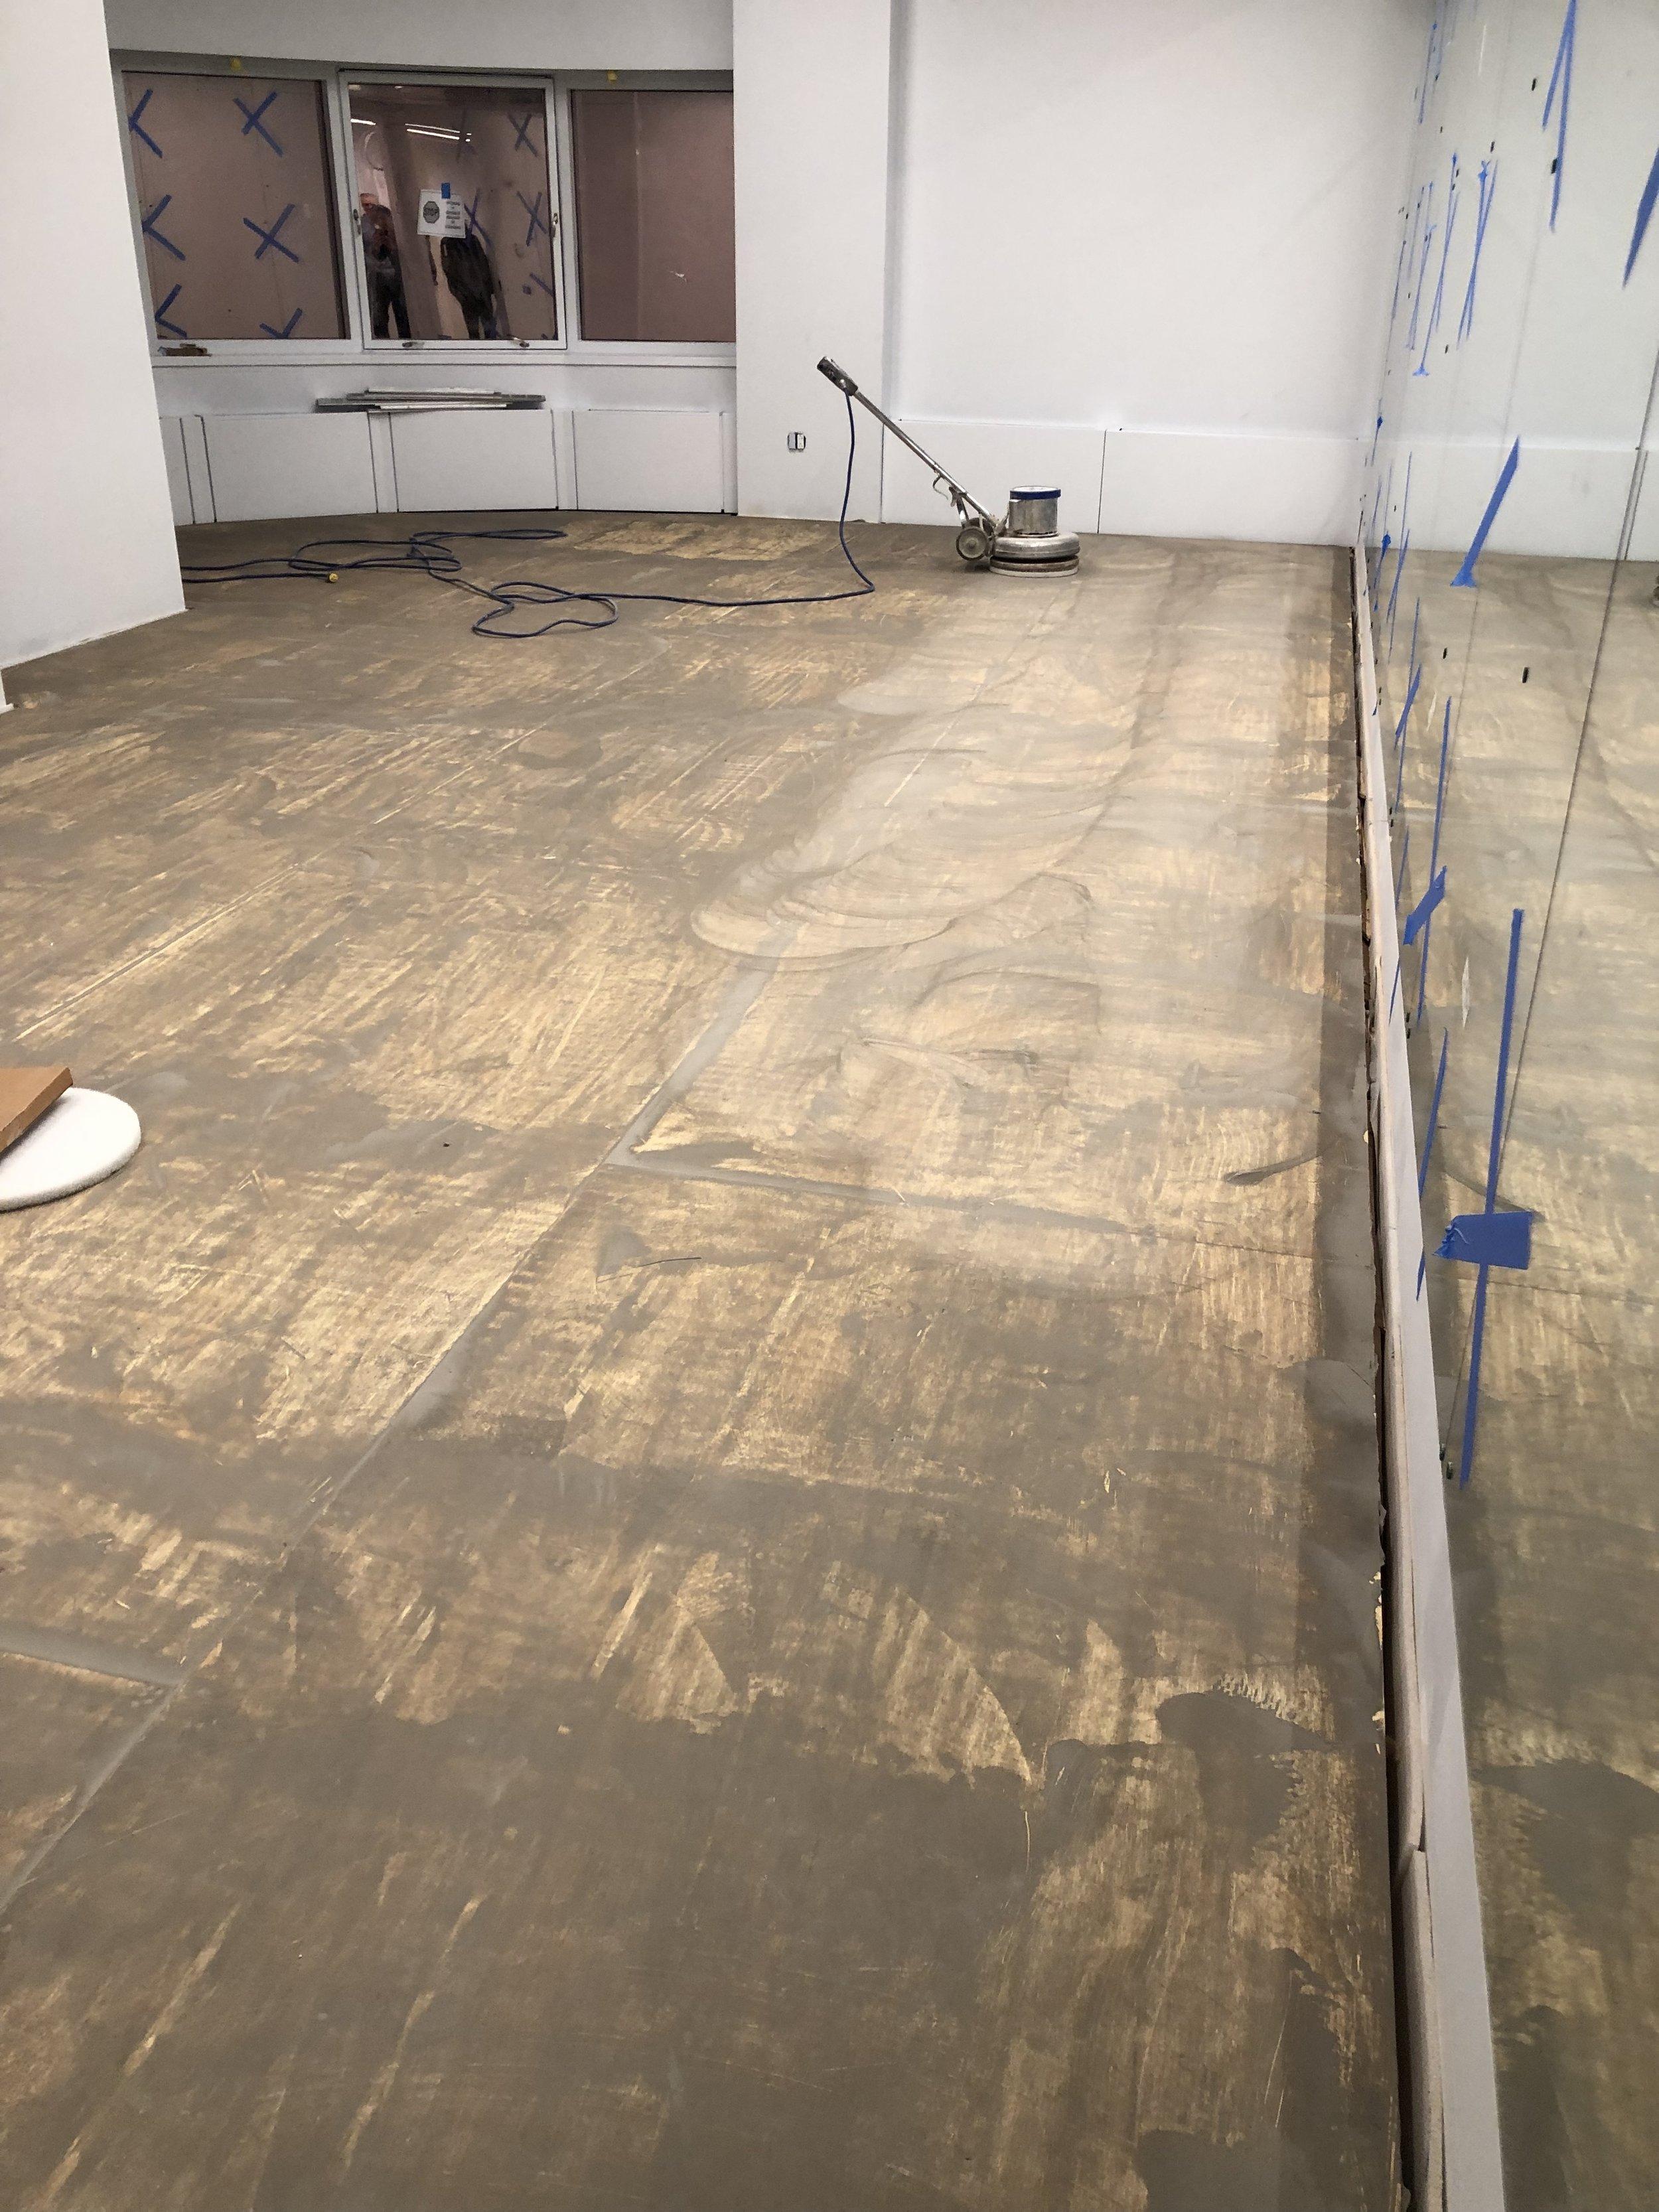 11M sprung floor done